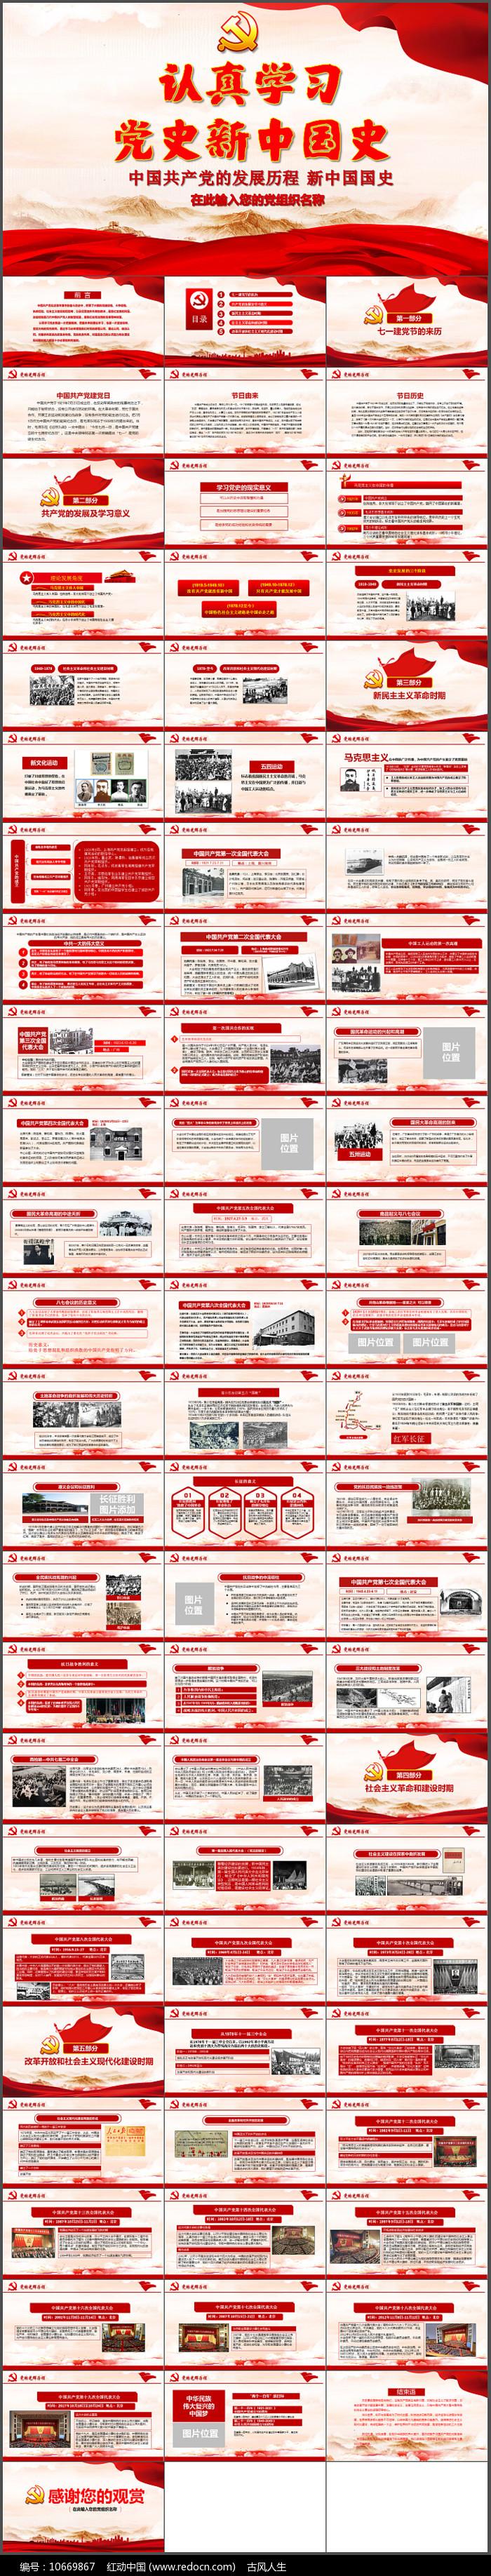 中国共产党的光辉历程ppt模板图片